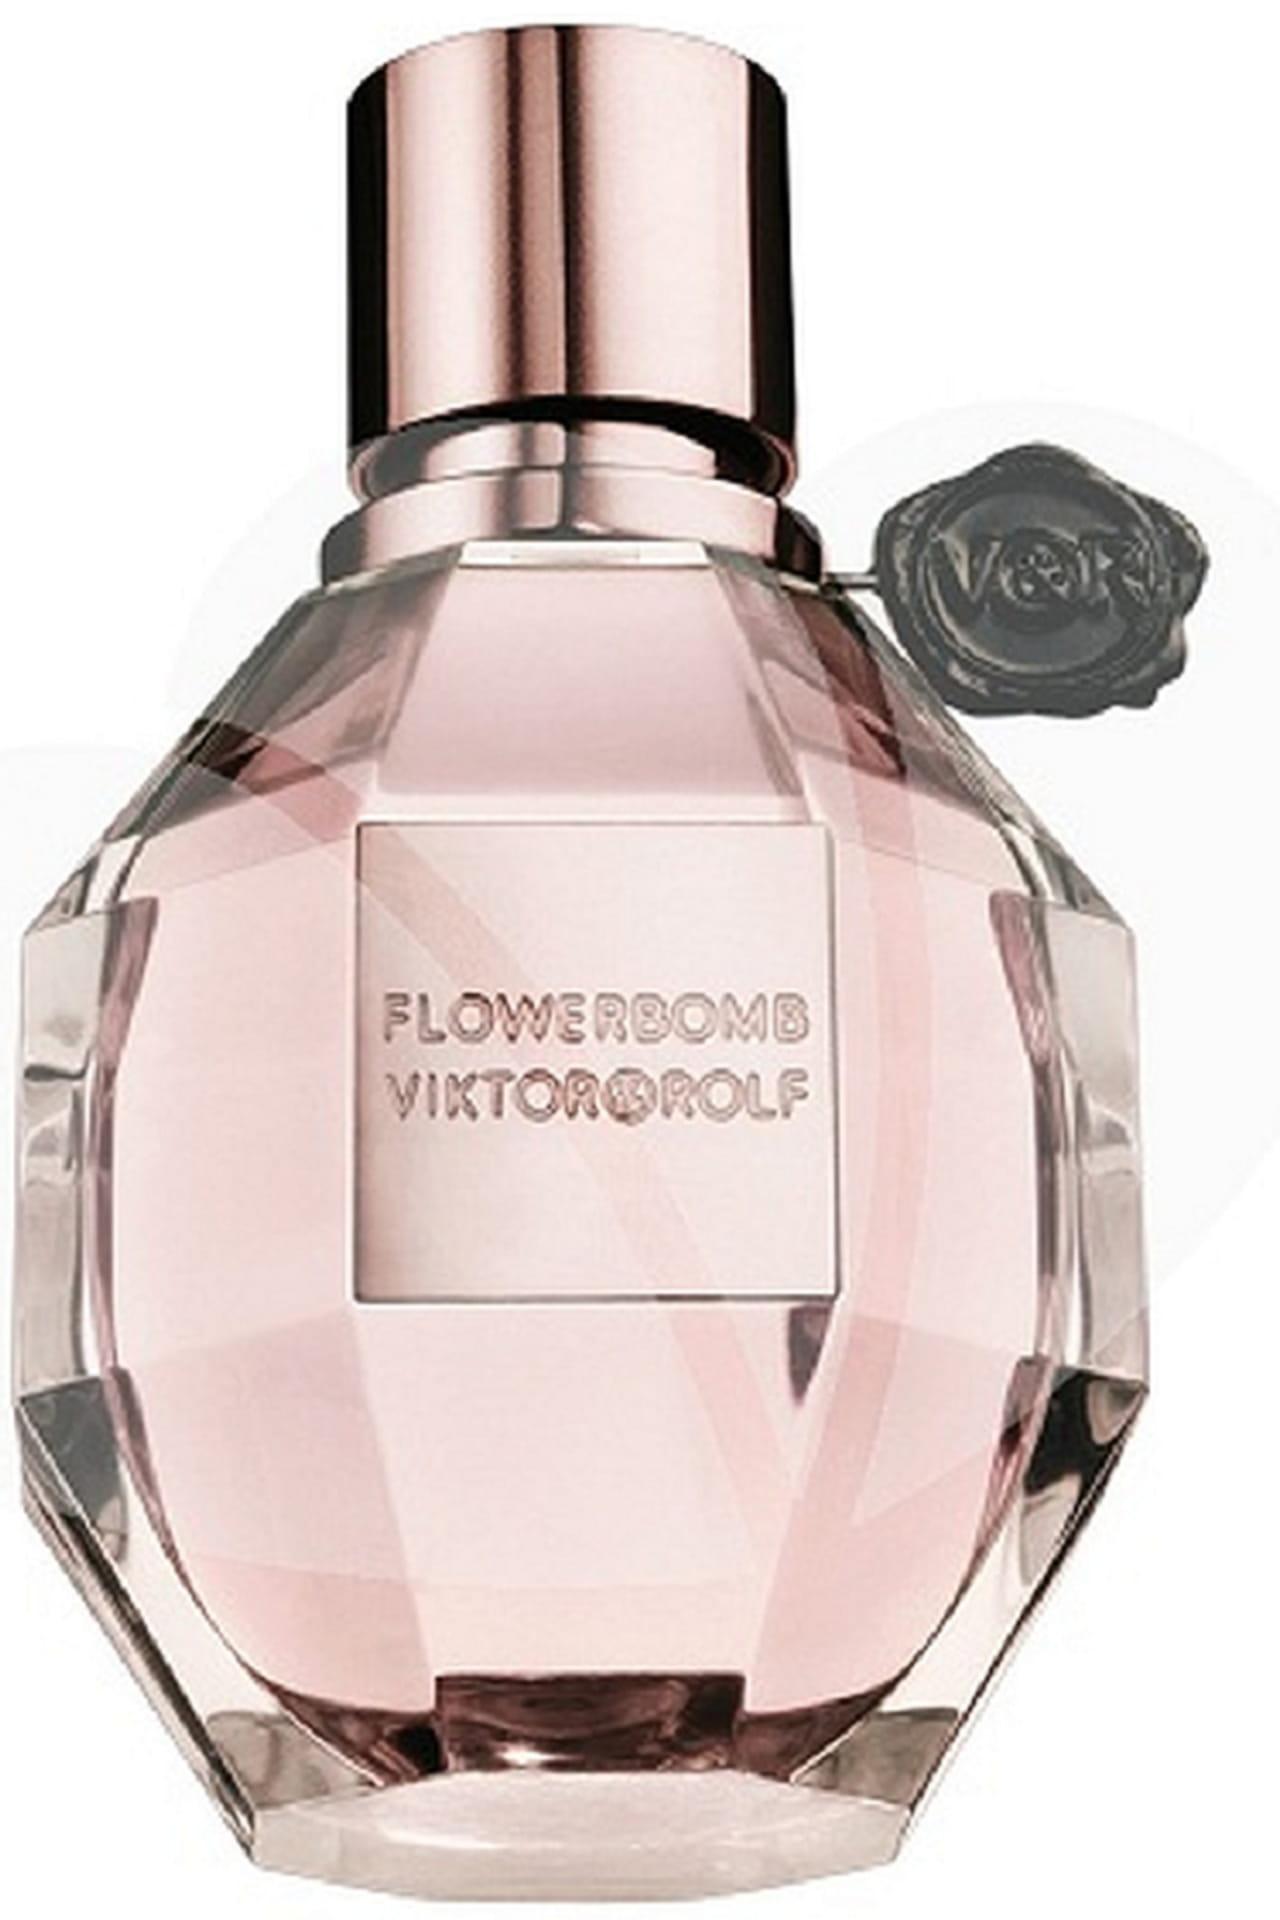 5969a5bd8 عطر Viktor & Rolf Flowerbomb من أكثر العطور النسائية مبيعاً على مستوى  العالم. هذا العطر يفوح بروائح الأزهار، فهو مزيج غني من بتلات أزهار  الفريزيا، الياسمين، ...